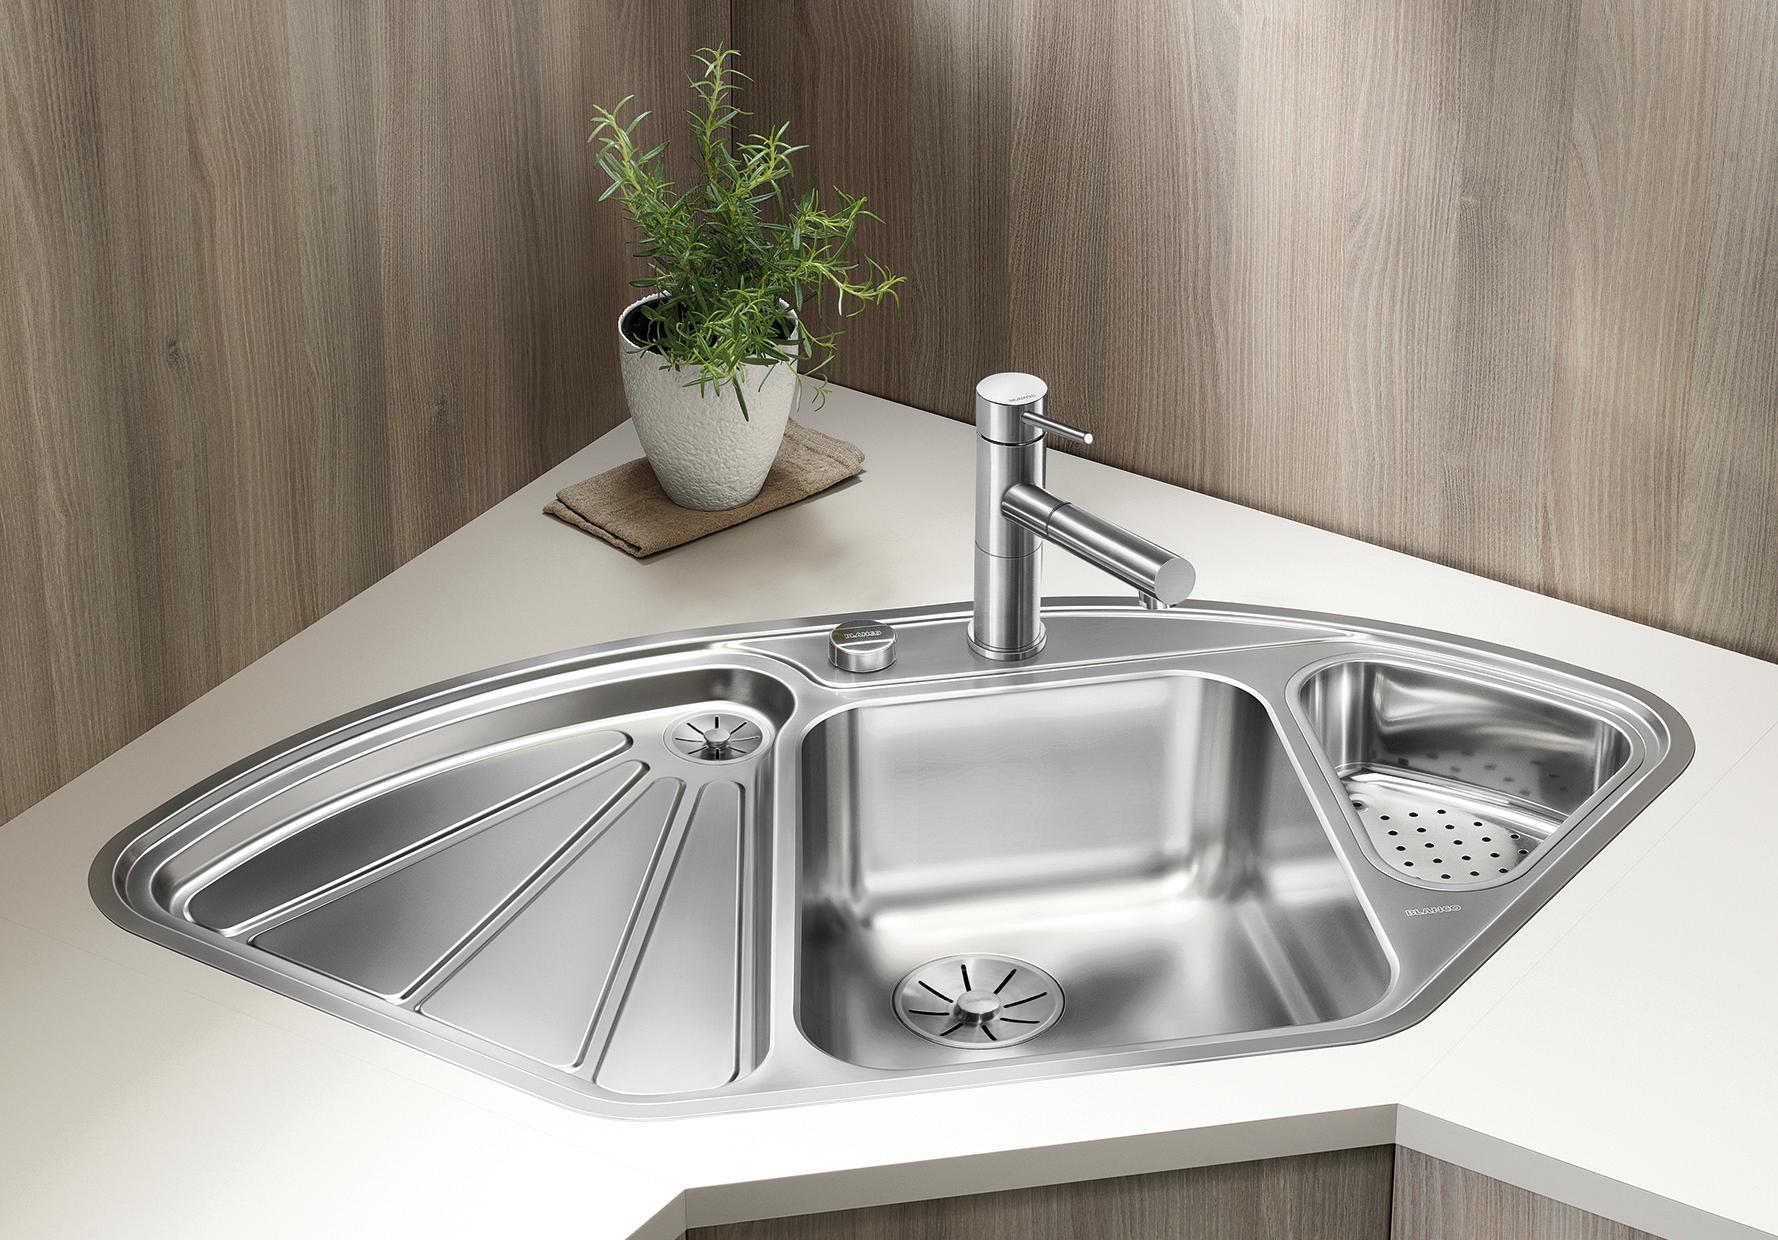 8 món nội thất giúp không gian nhà bếp nhỏ đẹp hoàn hảo - Ảnh 2.